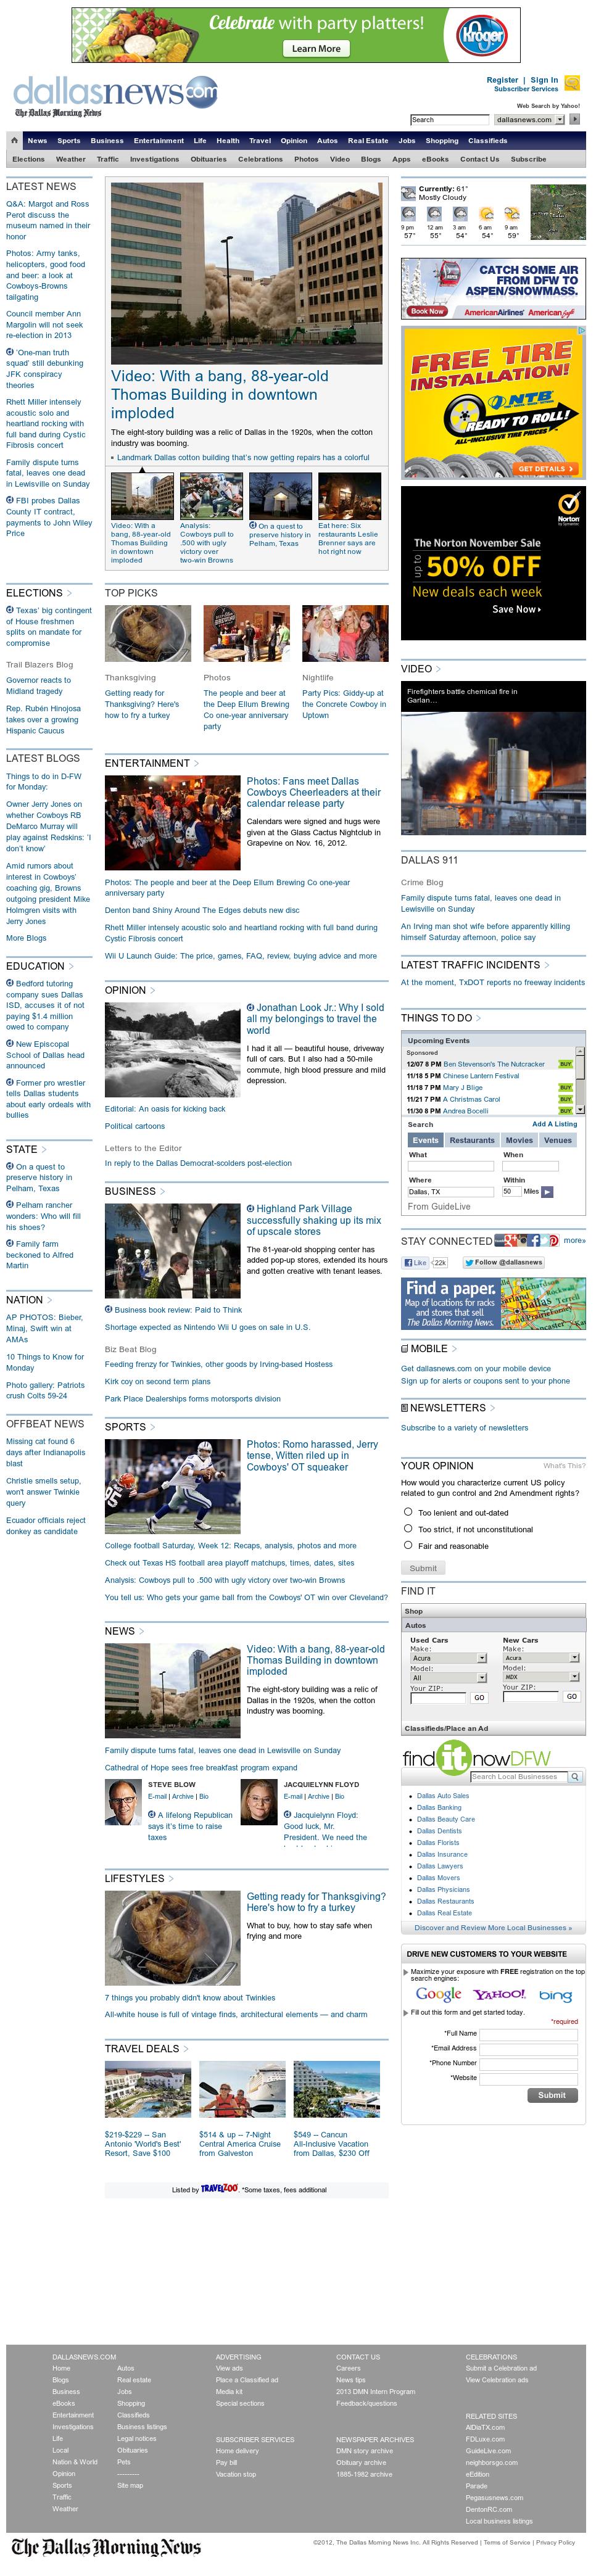 dallasnews.com at Monday Nov. 19, 2012, 3:06 a.m. UTC